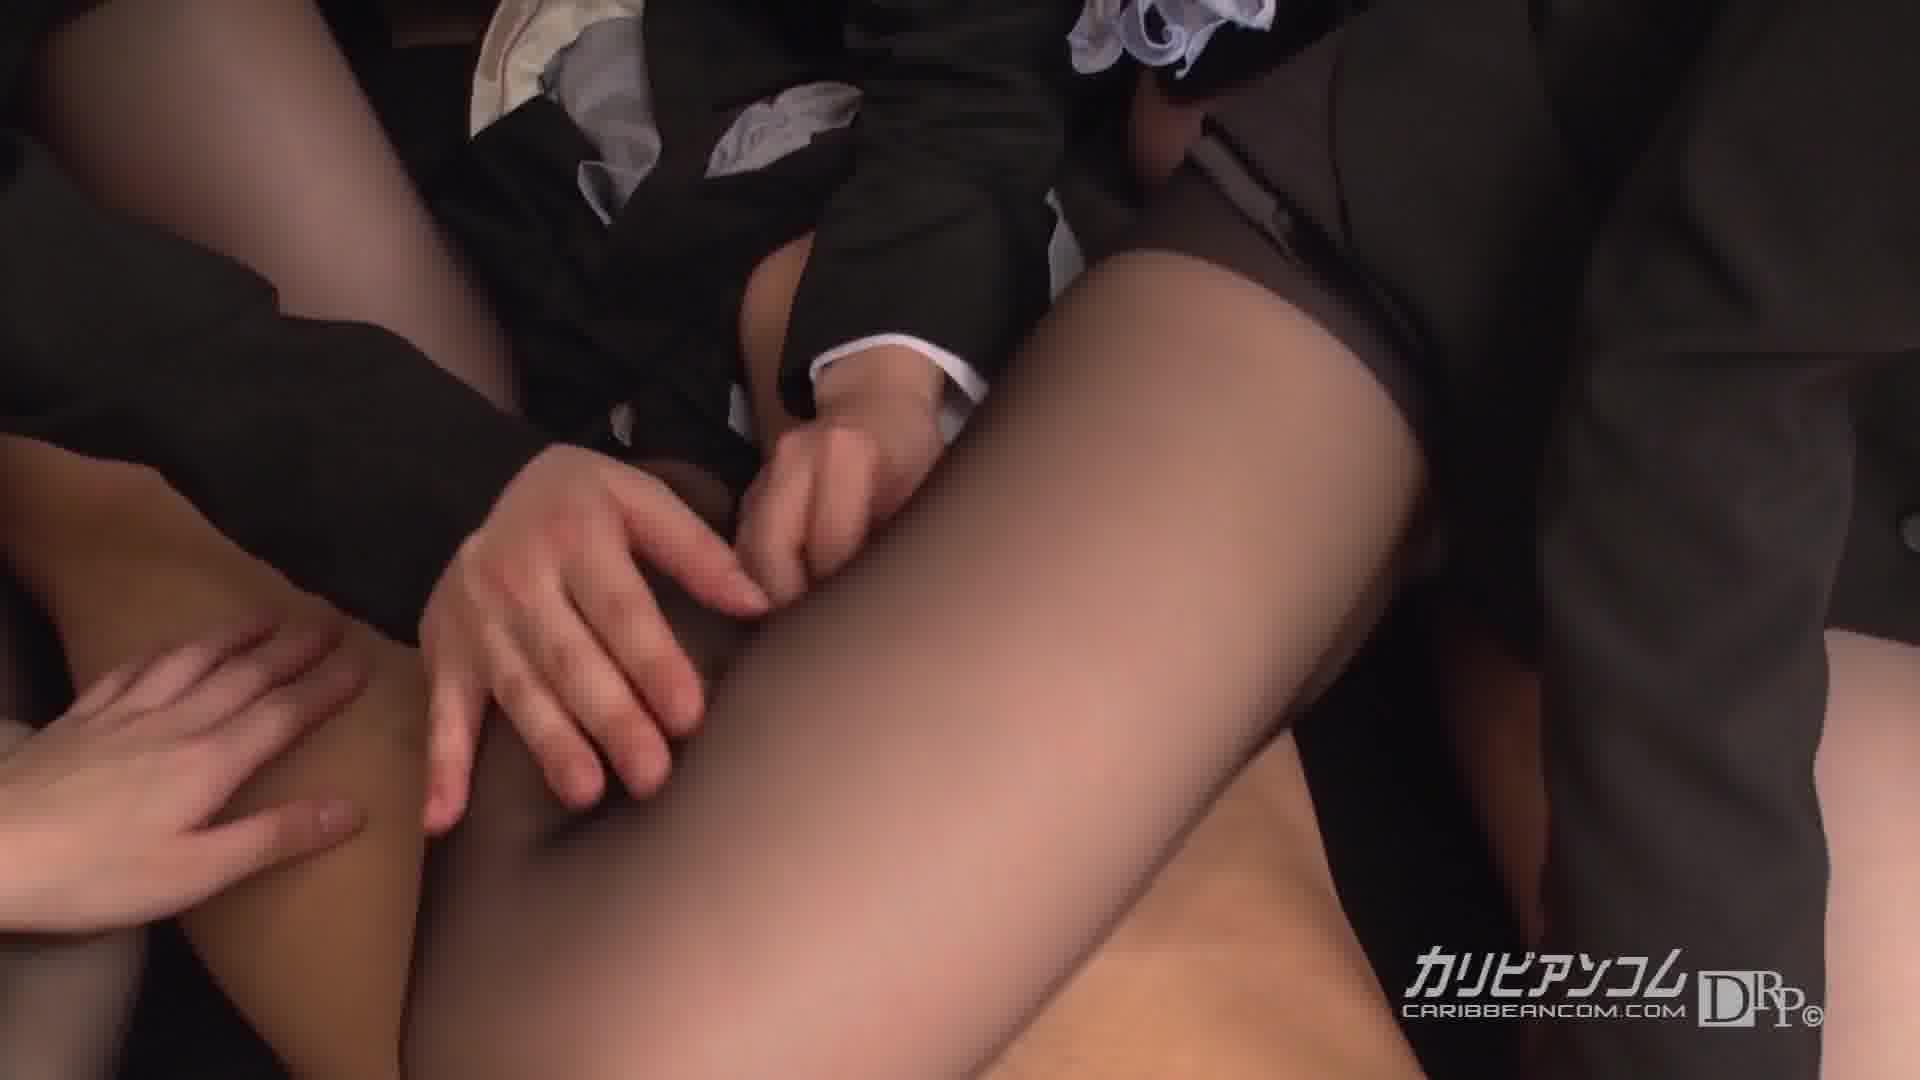 THE 未公開 ~マニア度が違うムレムレ足コキ~ - 綾瀬ゆい【ギャル・痴女・パイパン】